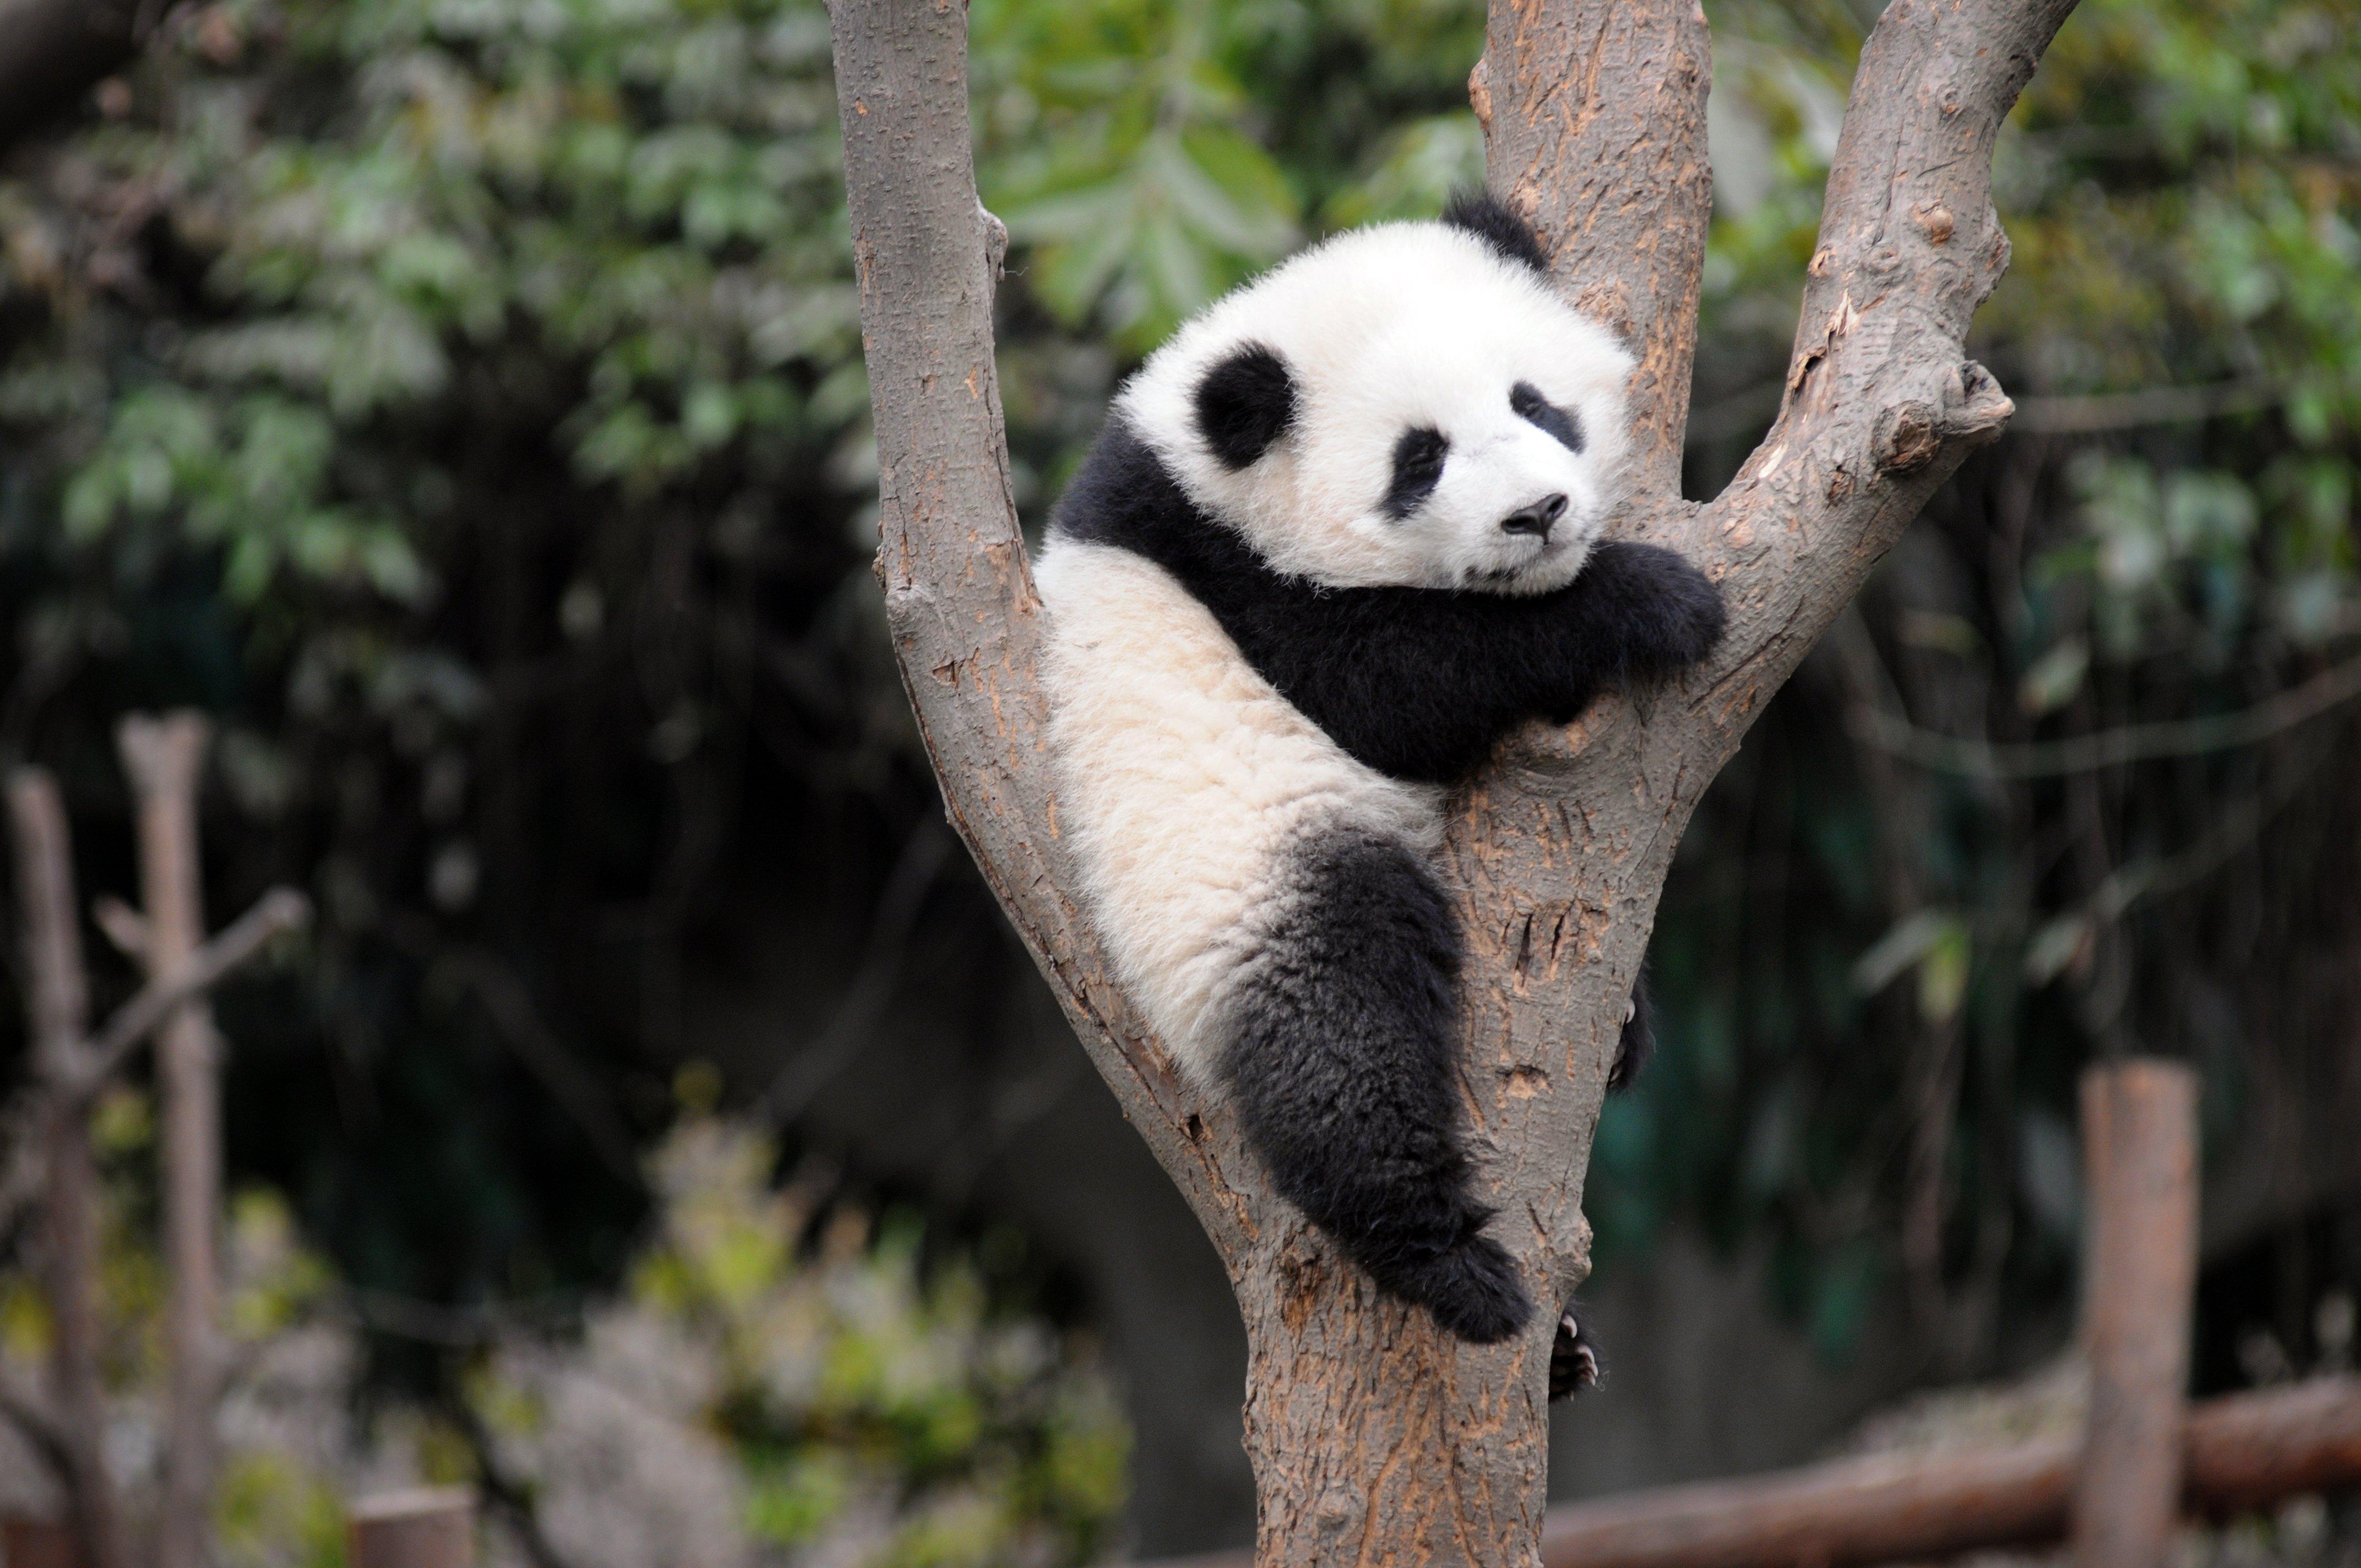 Cute Baby Panda Bears Wallpaper